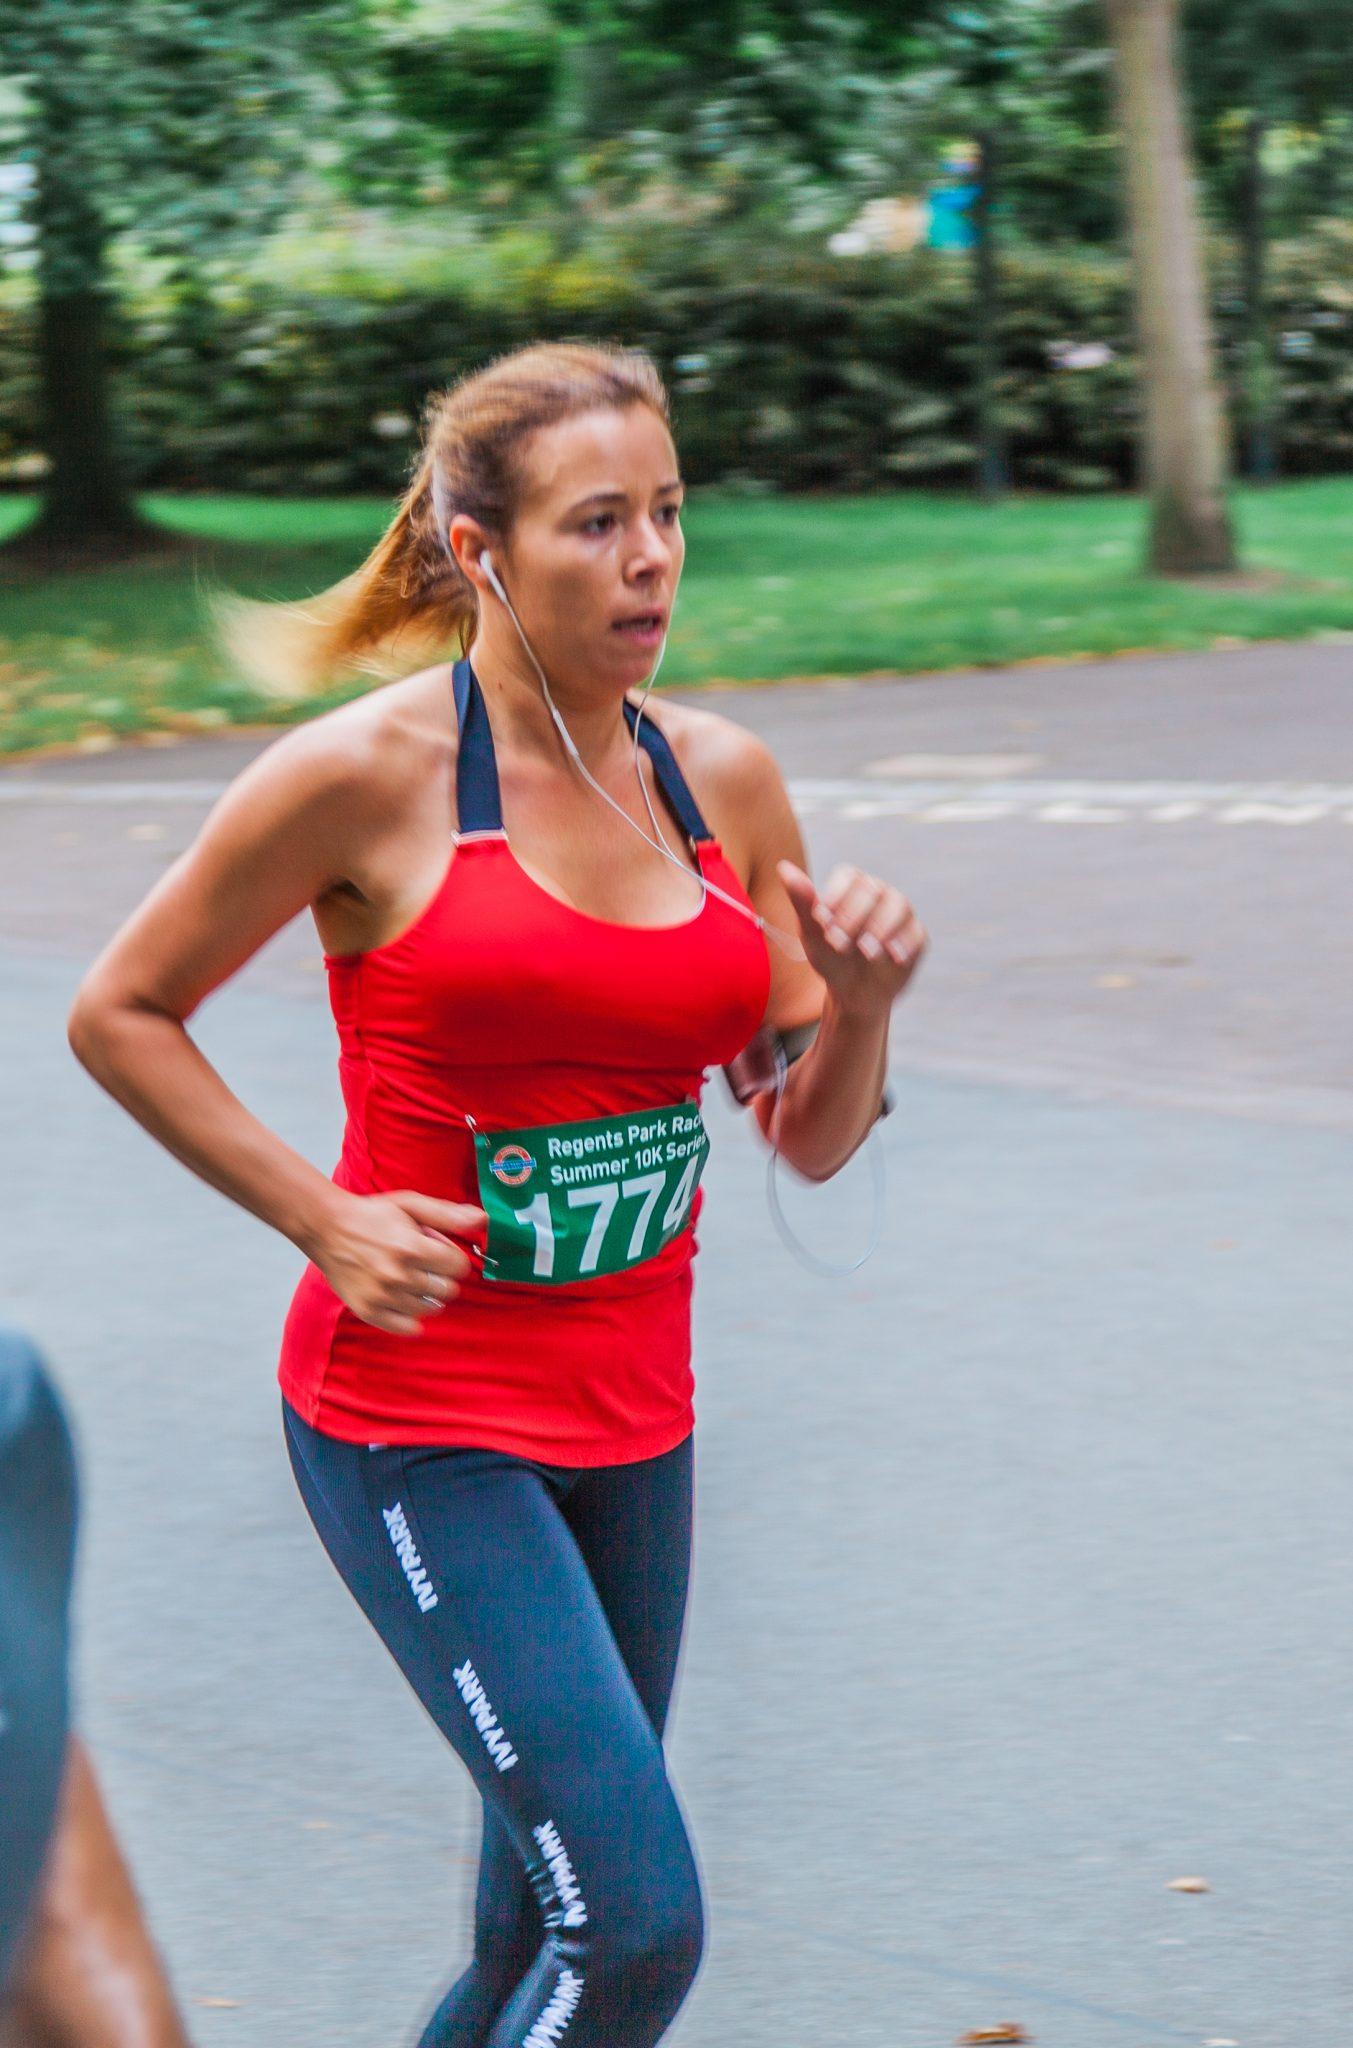 131 Regents Park Races 03.09.17